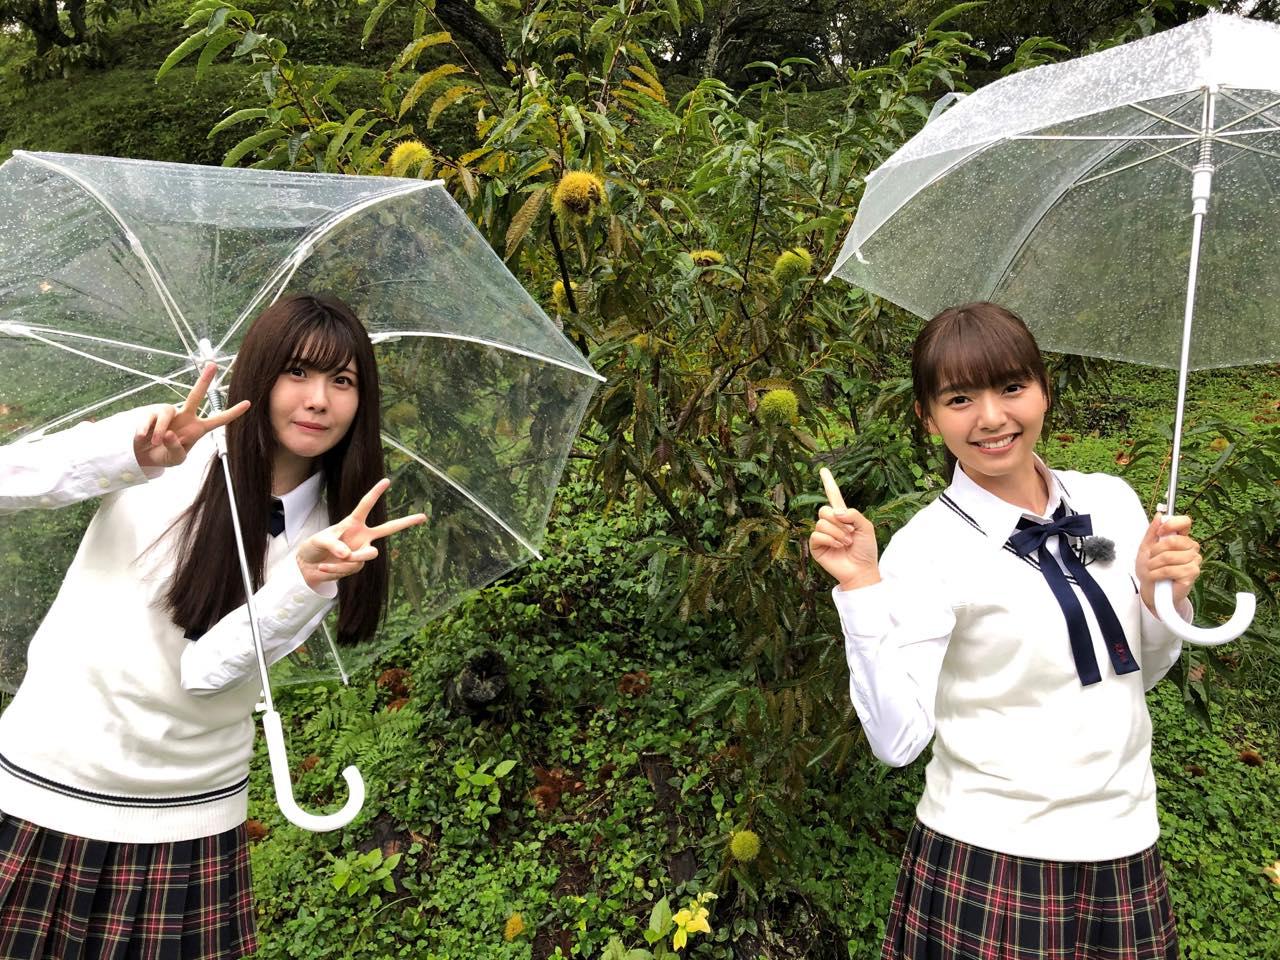 「SKE48は君と歌いたい」高畑結希&谷真理佳が愛知県豊田市の栗園を訪れる②【東海テレビ】